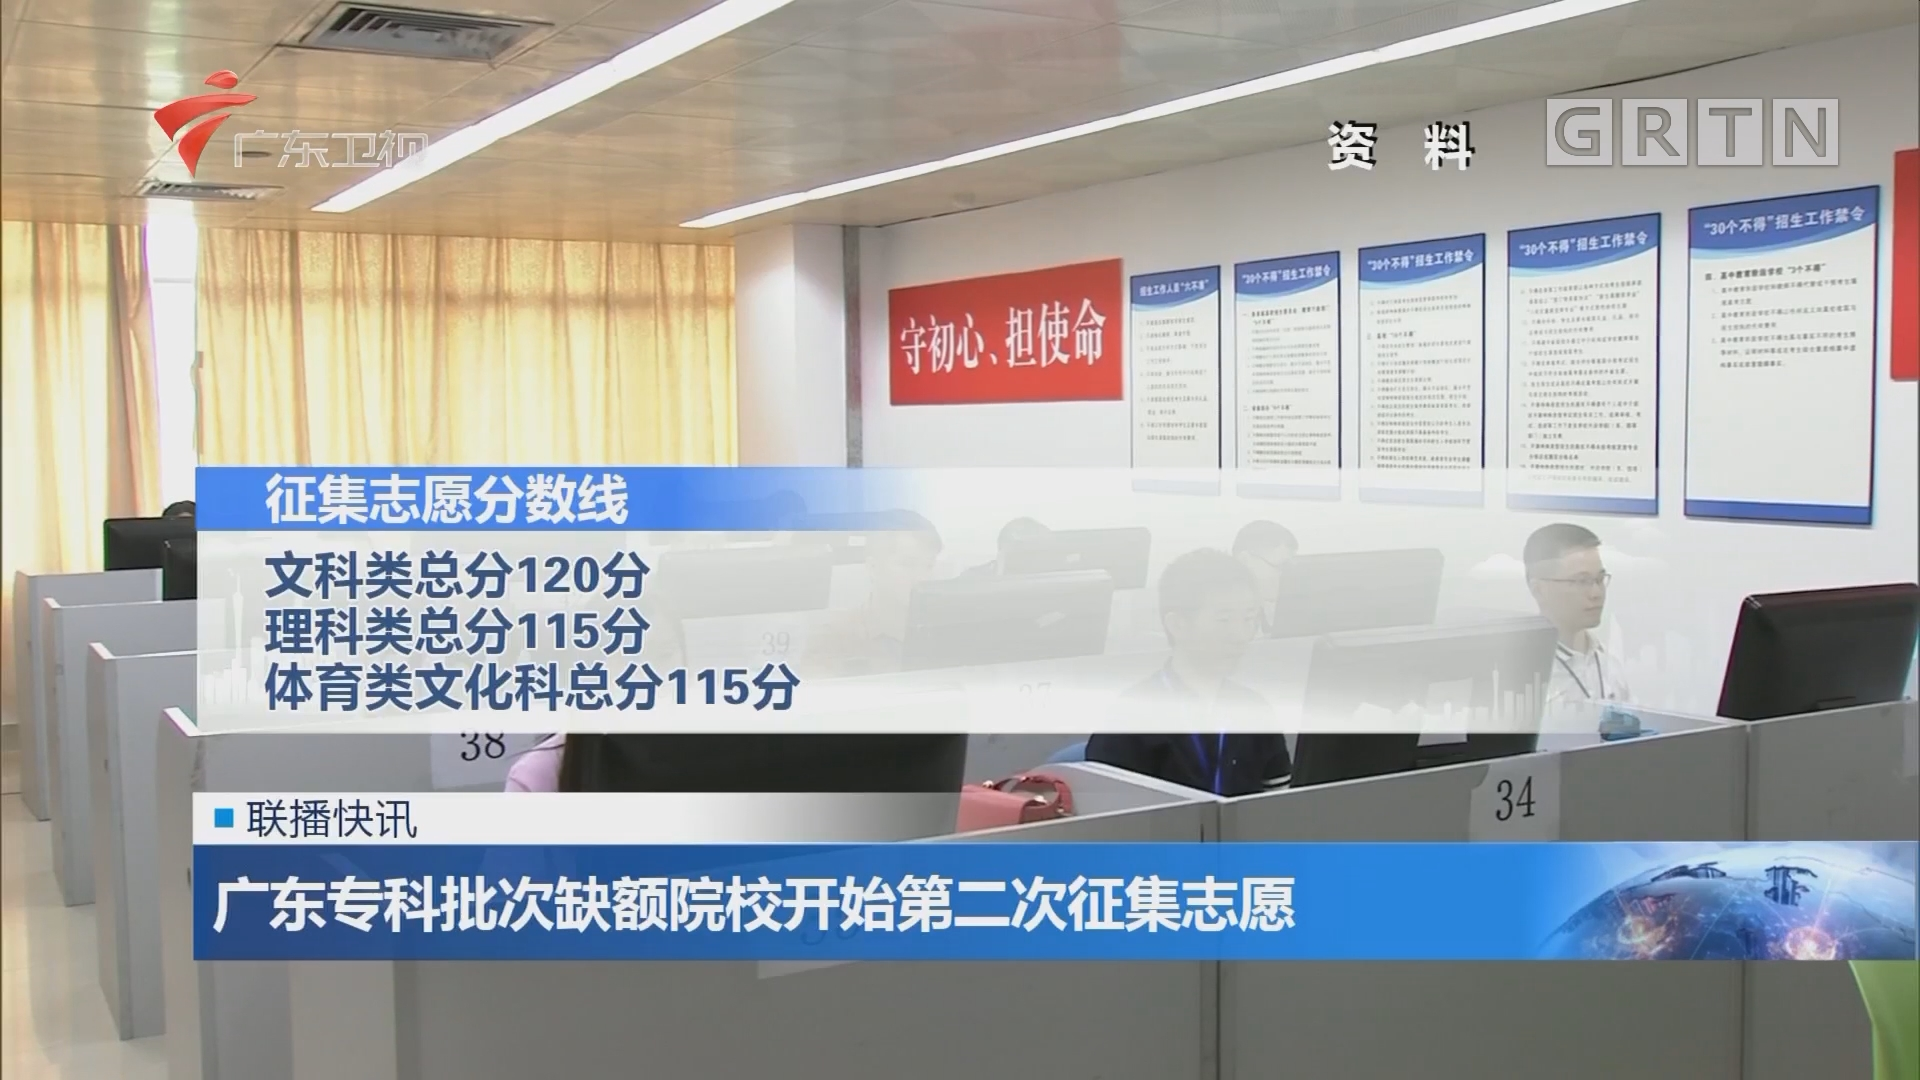 广东专科批次缺额院校开始第二次征集志愿